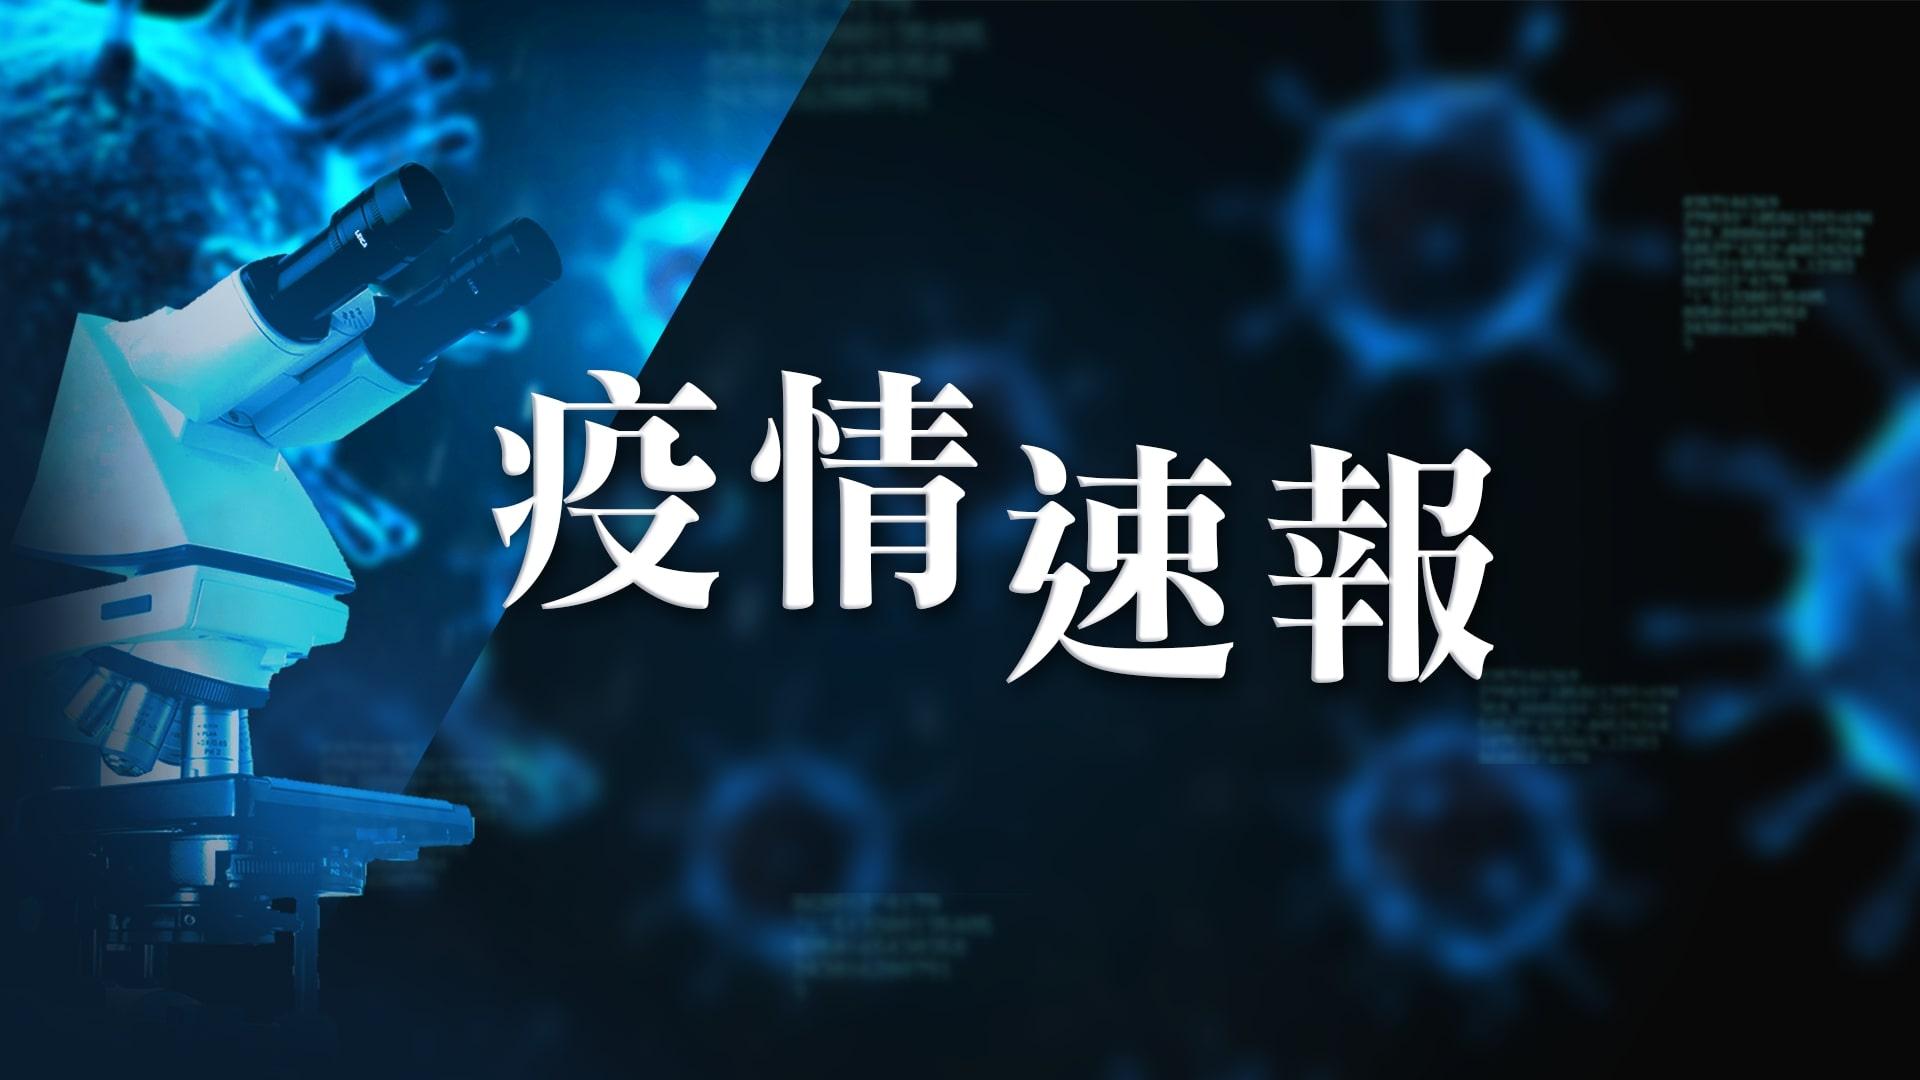 【2月18日疫情速報】(10:20)